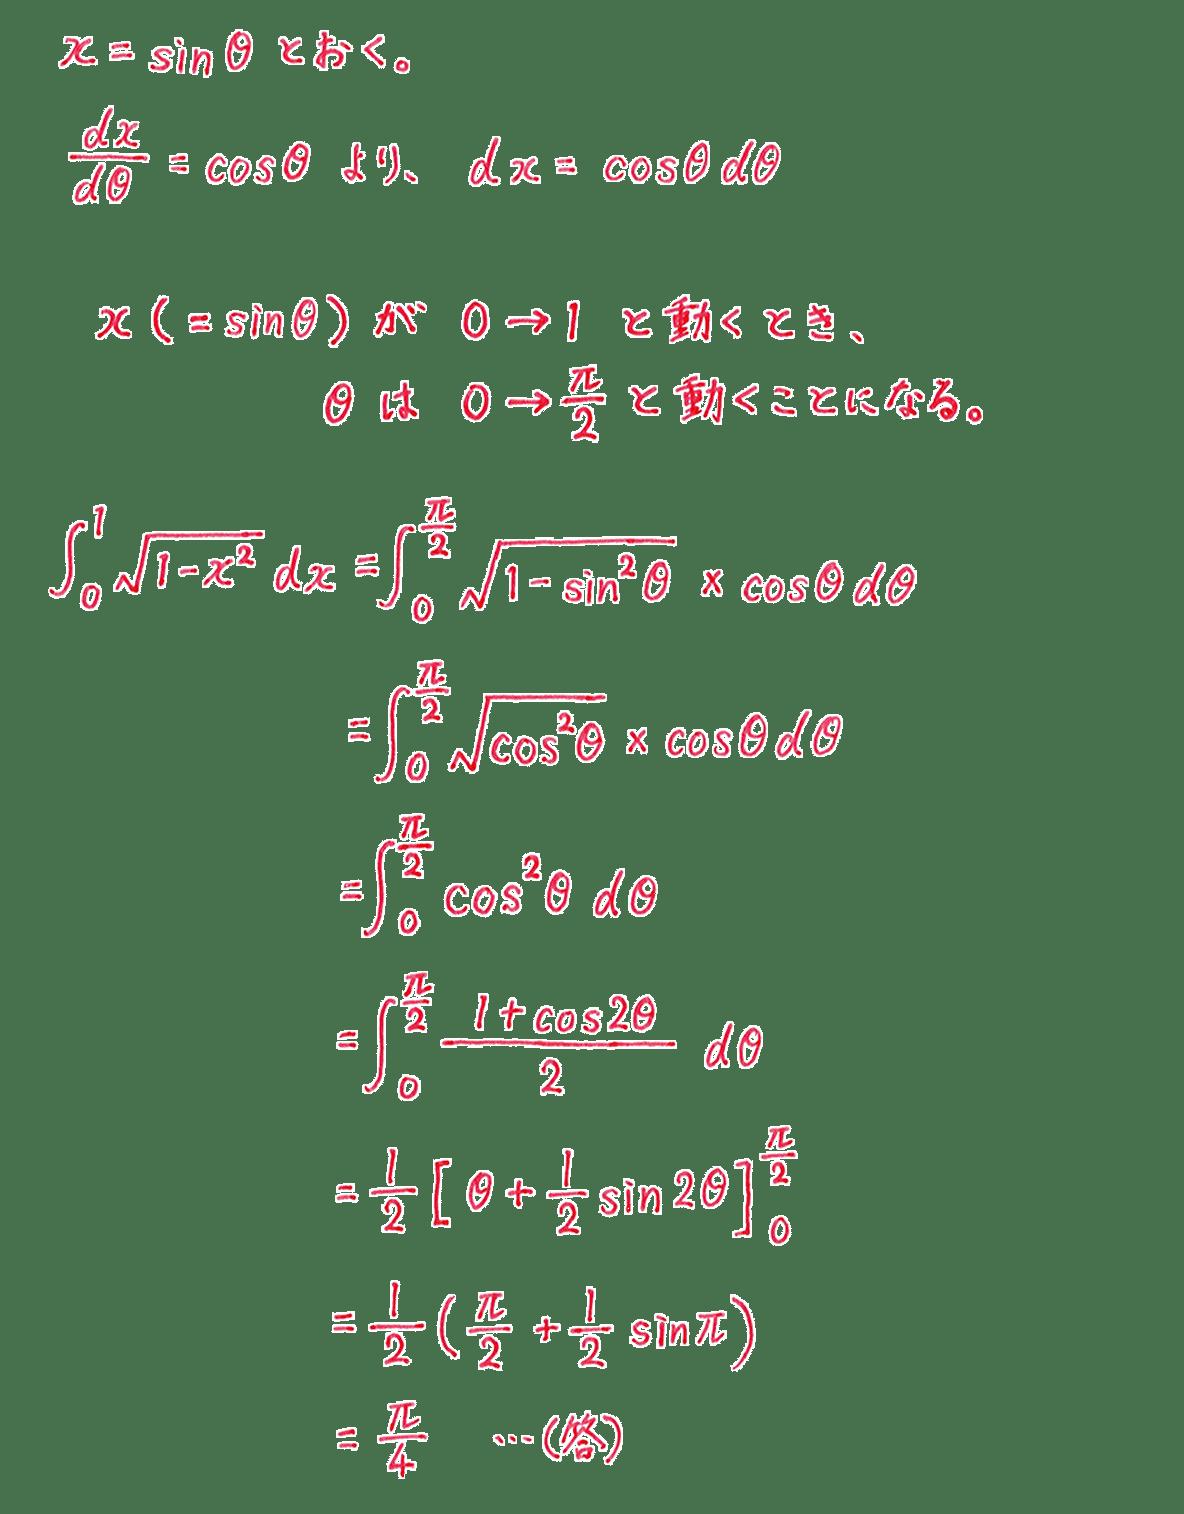 積分法とその応用28 問題 答え